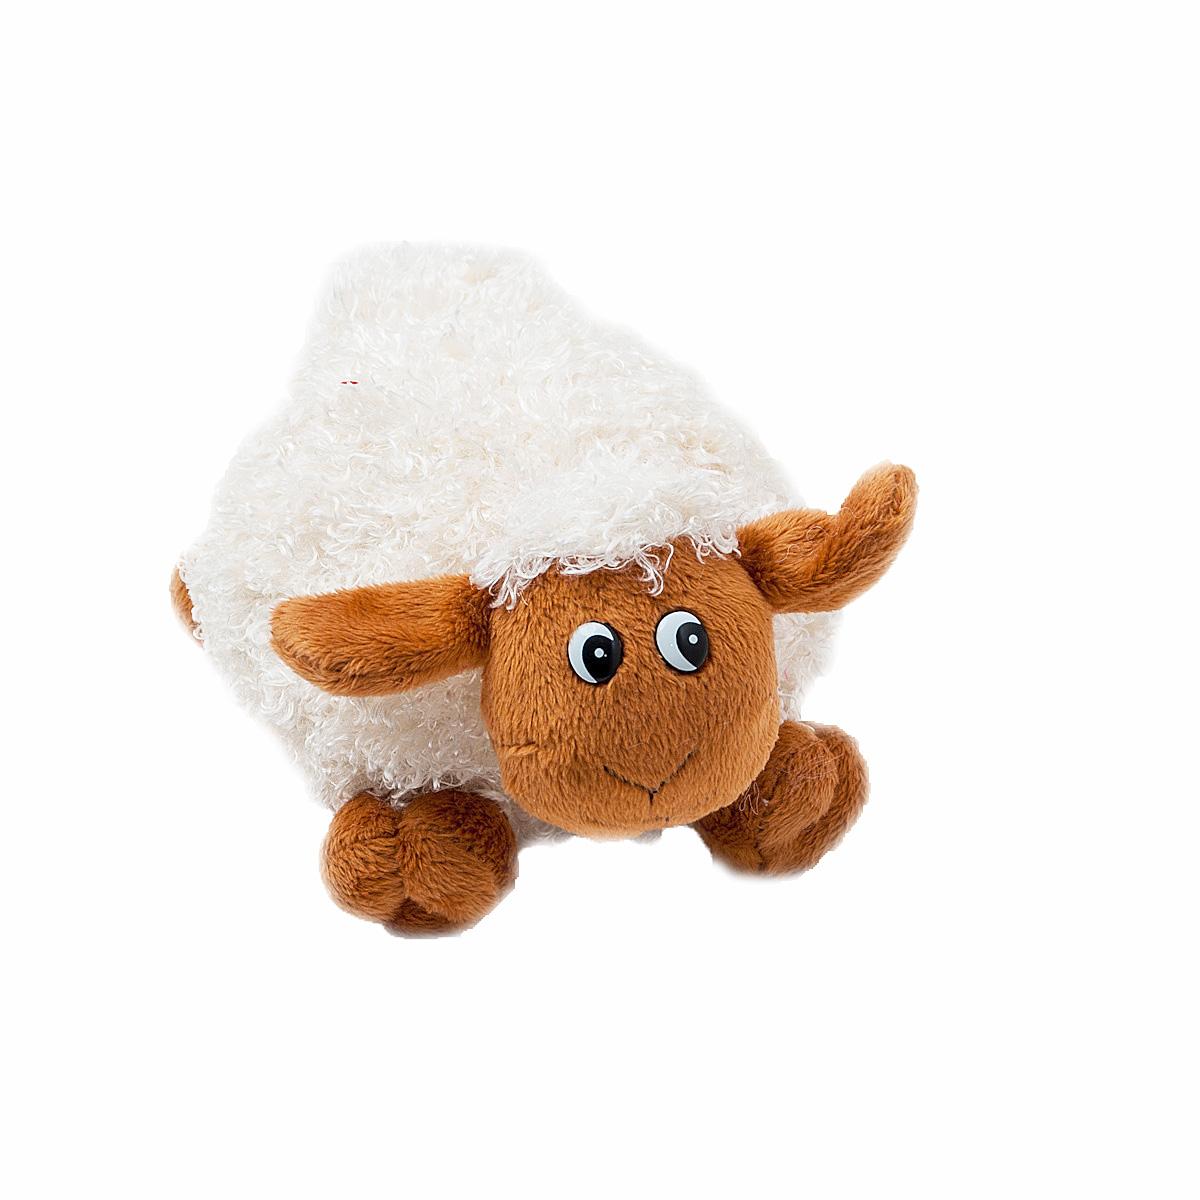 Мягкая озвученная игрушка Fancy Овечка Окей, 18 см мягкая игрушка sima land овечка на присосках 18 см 332770